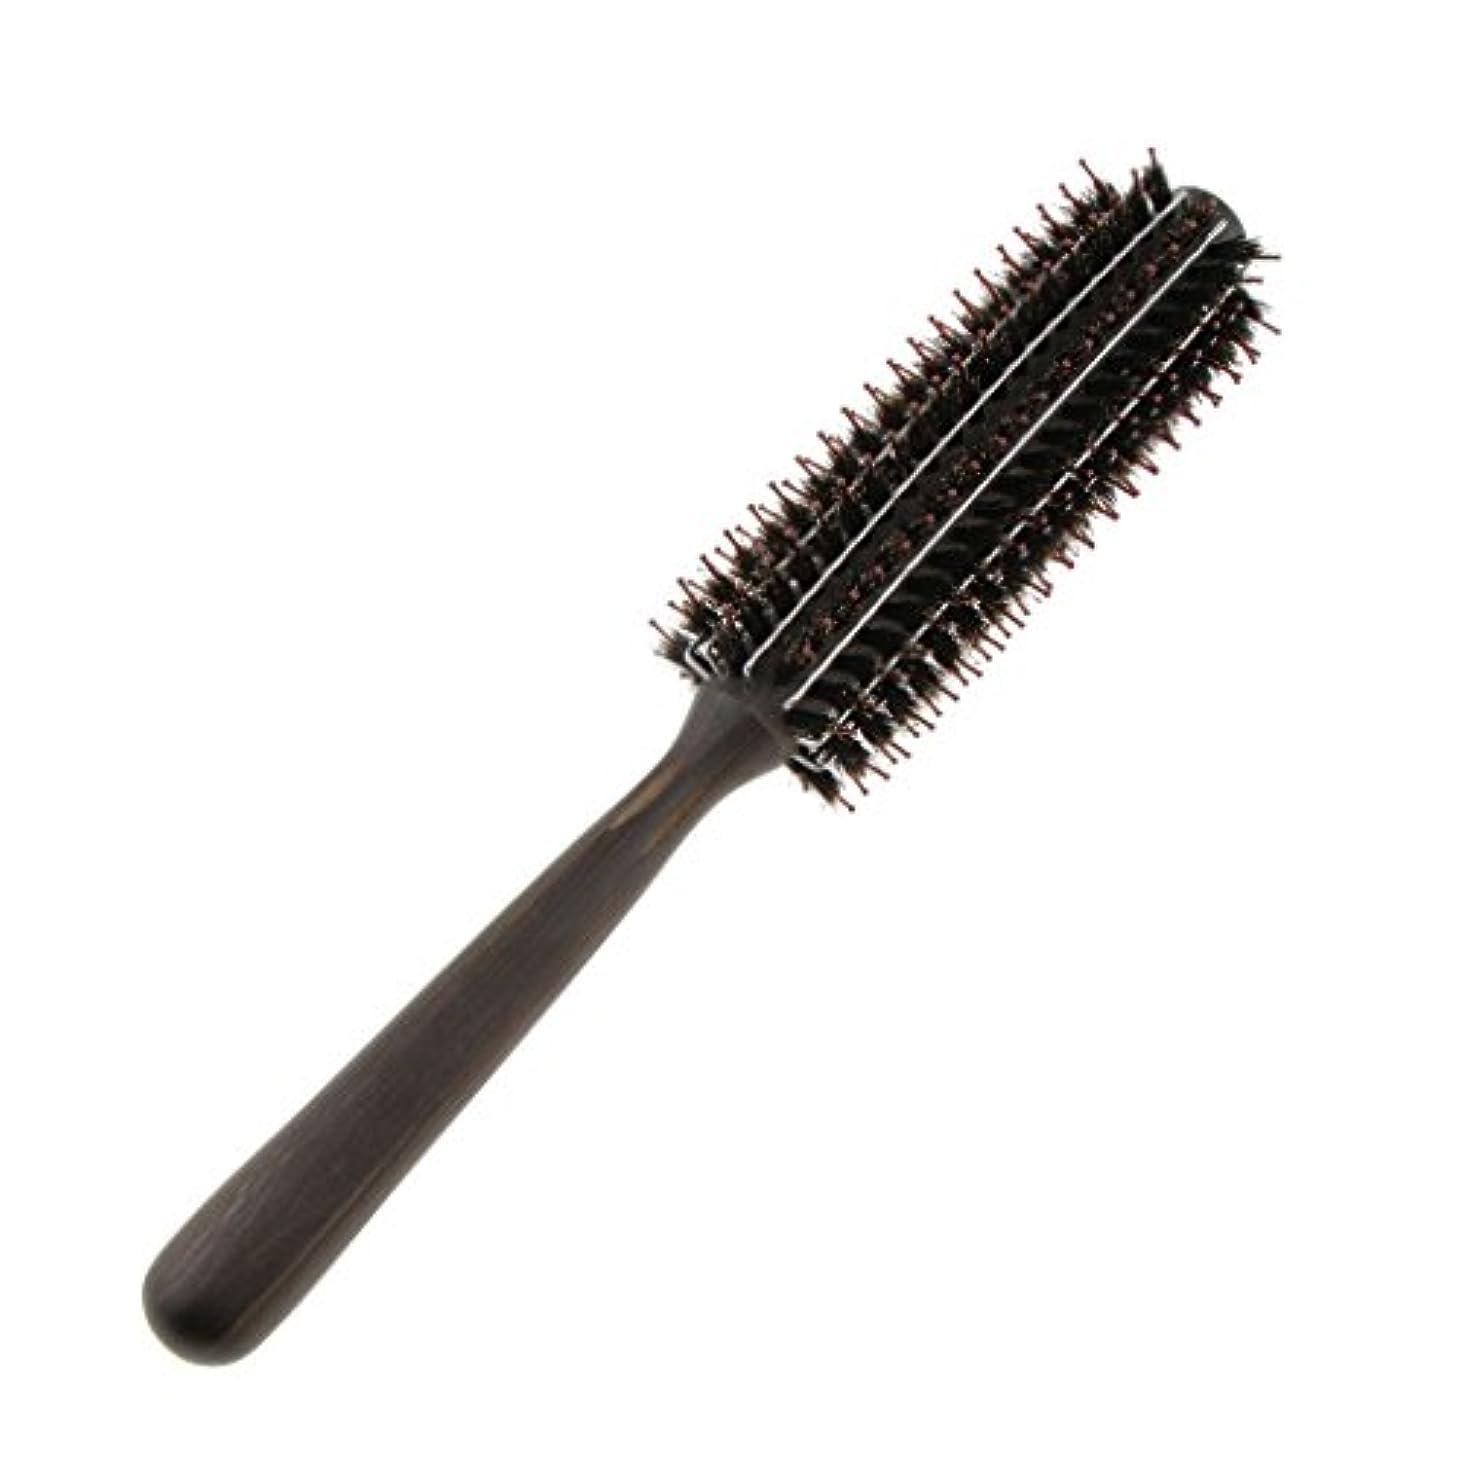 魅力的計り知れない共同選択Fenteer ロールブラシ カール 巻き髪 ヘア ブラシ ロール ヘアコーム 木製ハンドル 3サイズ選べる  - M